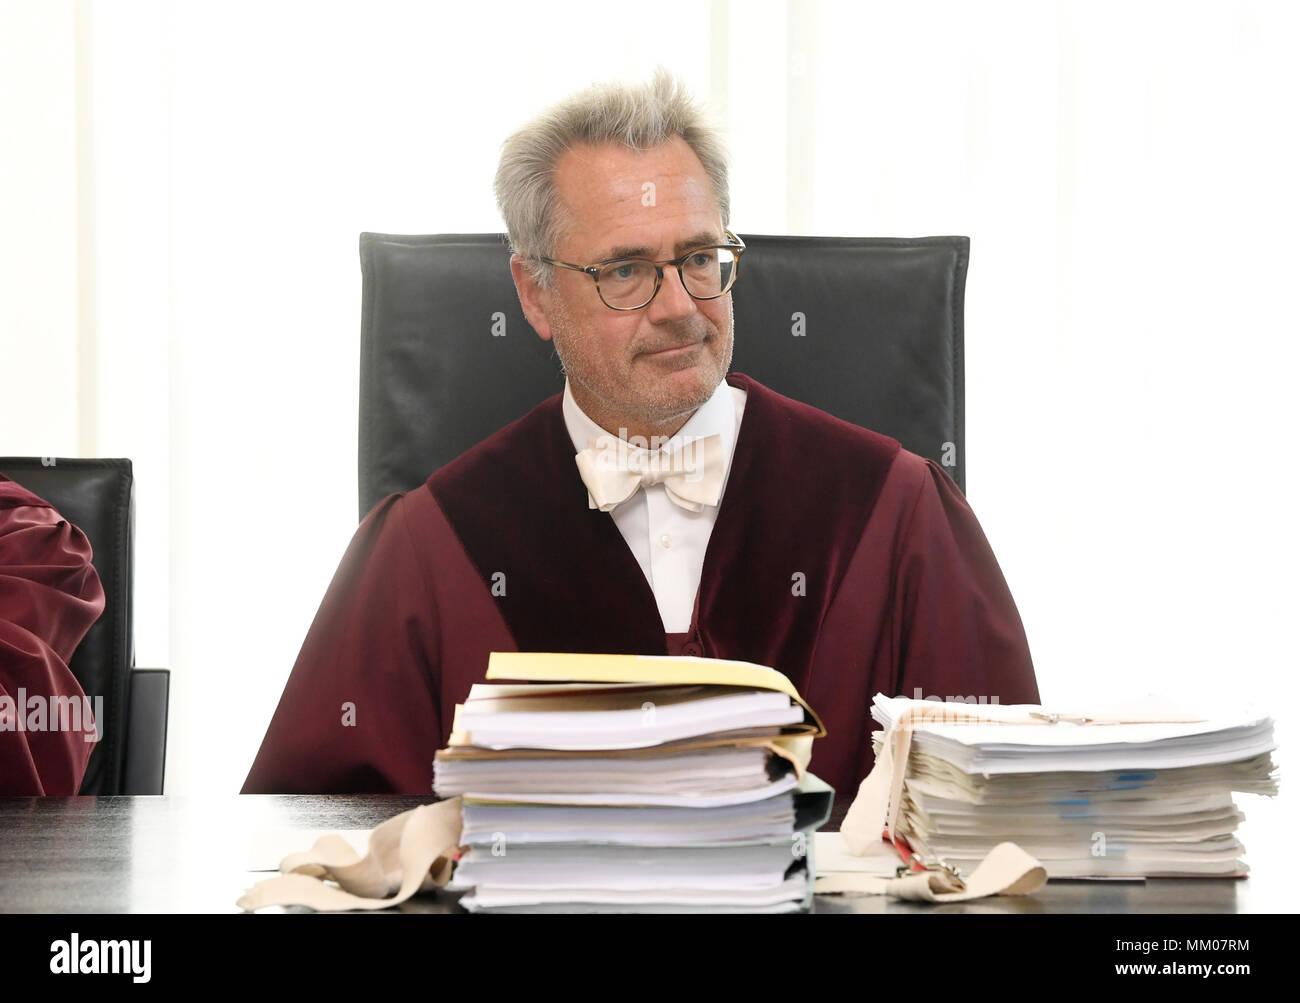 09 de mayo de 2018, Alemania, Karlsruhe: La presidencia de la Primera Sala Civil de la Corte Suprema Federal (BGH), Thomas Koch, abre el juicio. El Tribunal Supremo Federal está negociando si la música plataforma Youtube lleva la responsabilidad por las violaciones de los derechos de autor de sus usuarios. Un productor de música ha venido demandando a la filial de Google durante diez años. Foto: Uli Deck/dpa Foto de stock